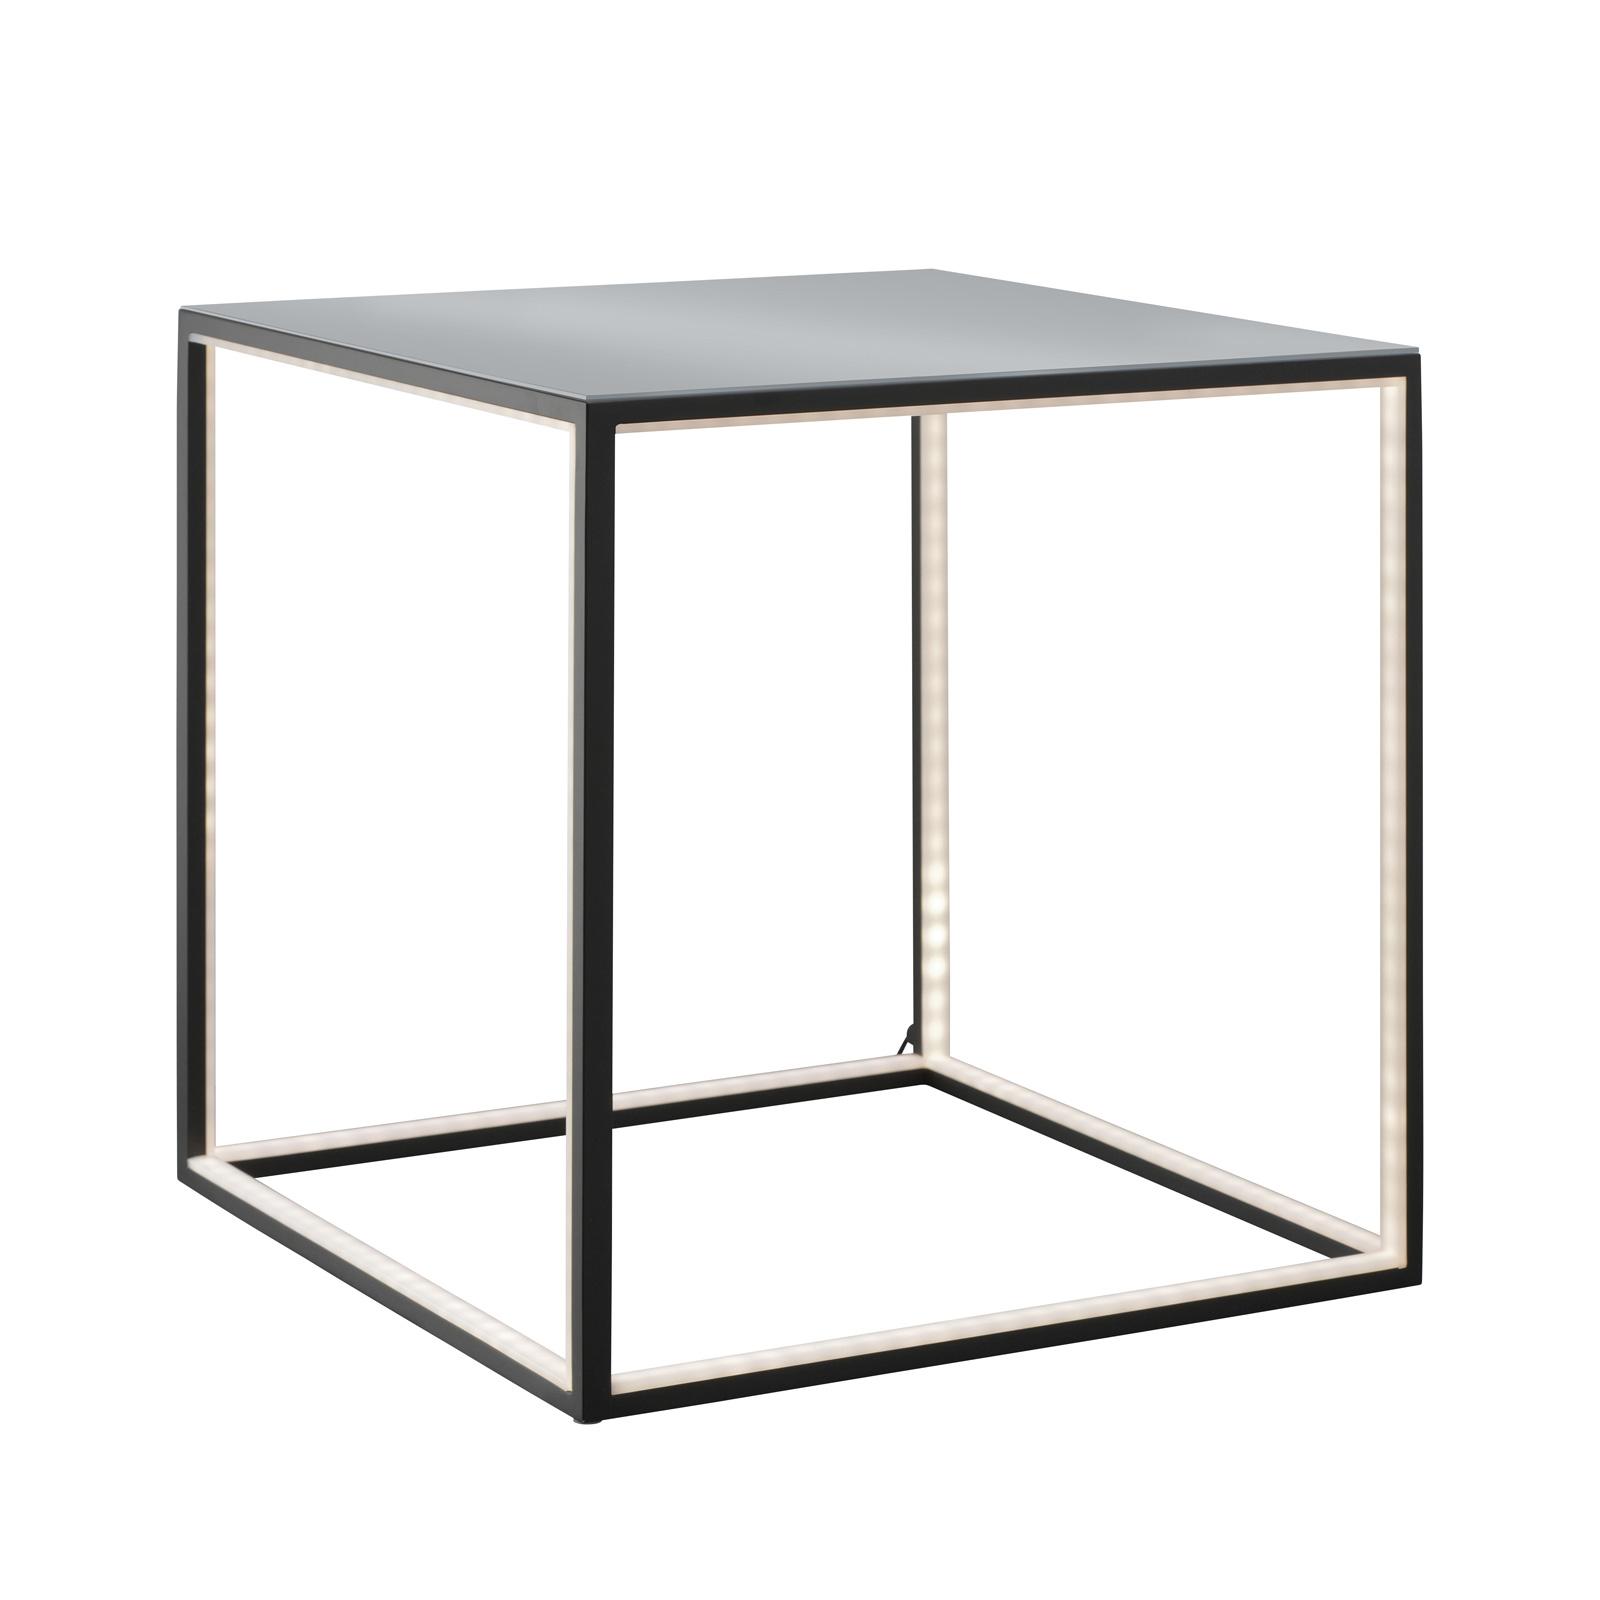 Podświetlany stolik Delux, czarny, 42 cm